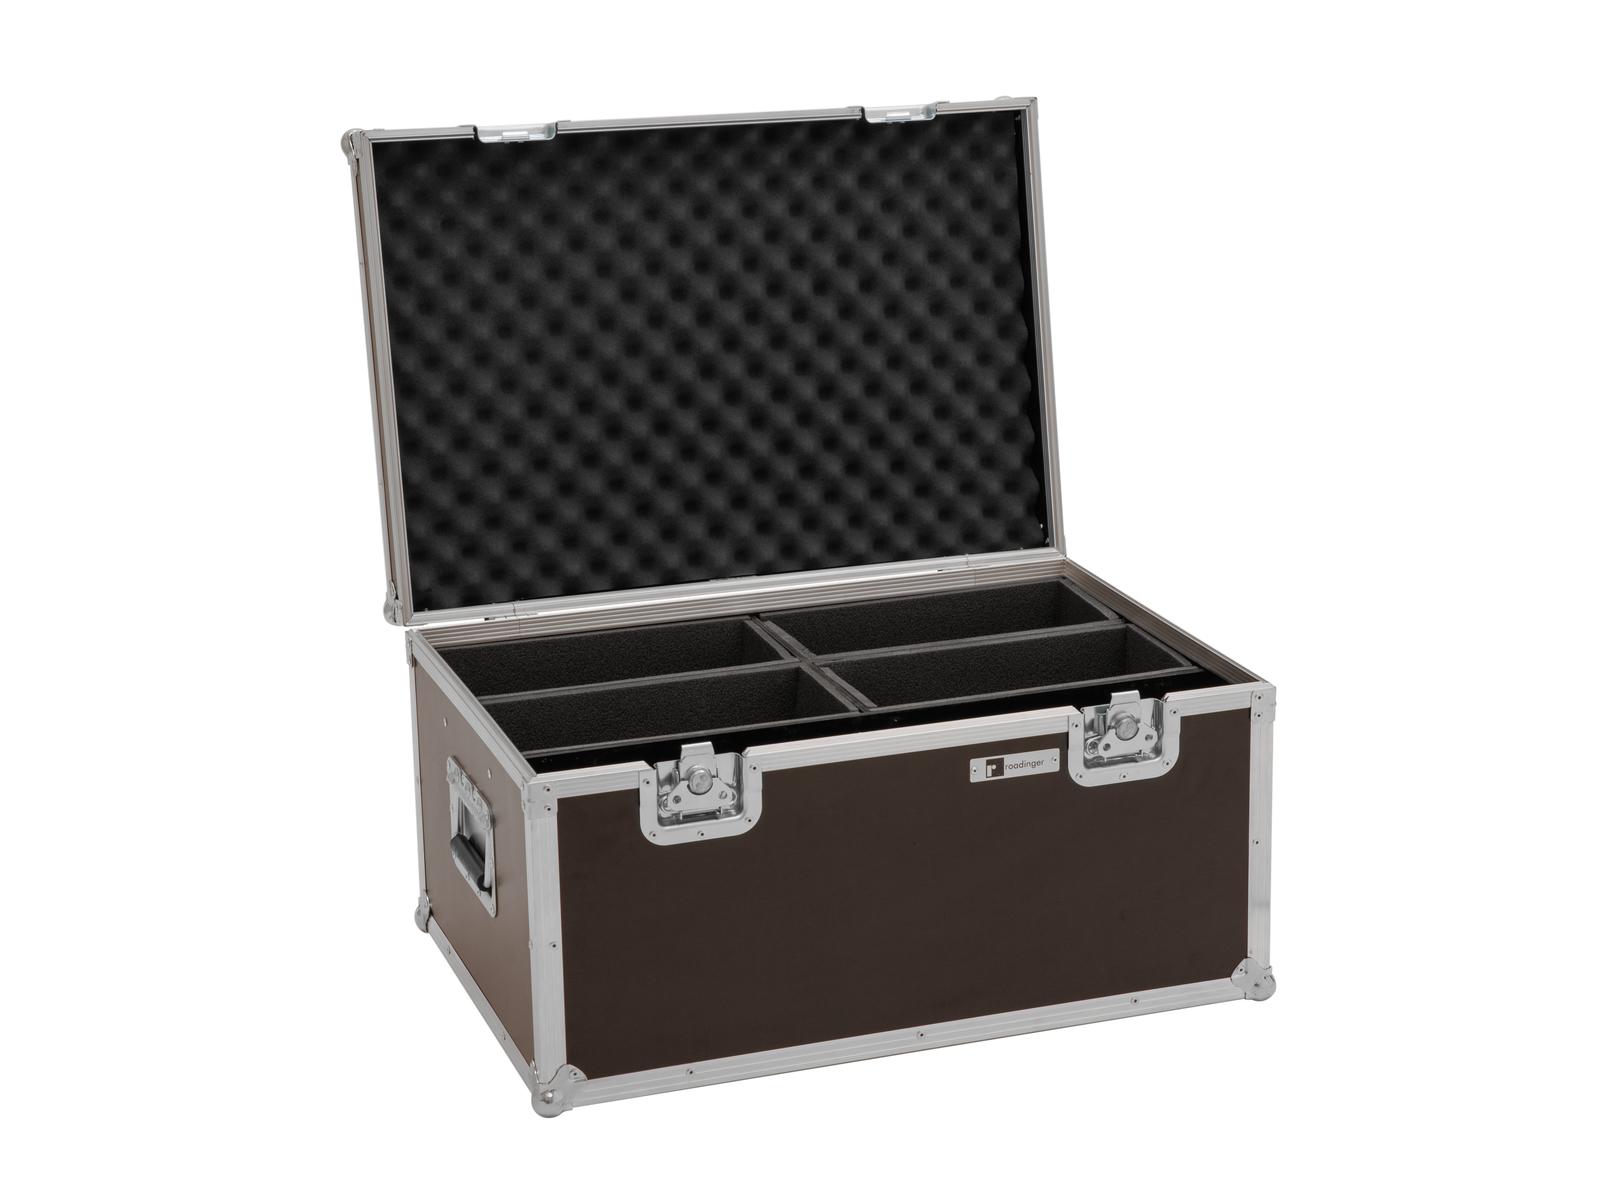 ROADINGER Flightcase 4x LED 4/7C-12 Silent Slim Spot